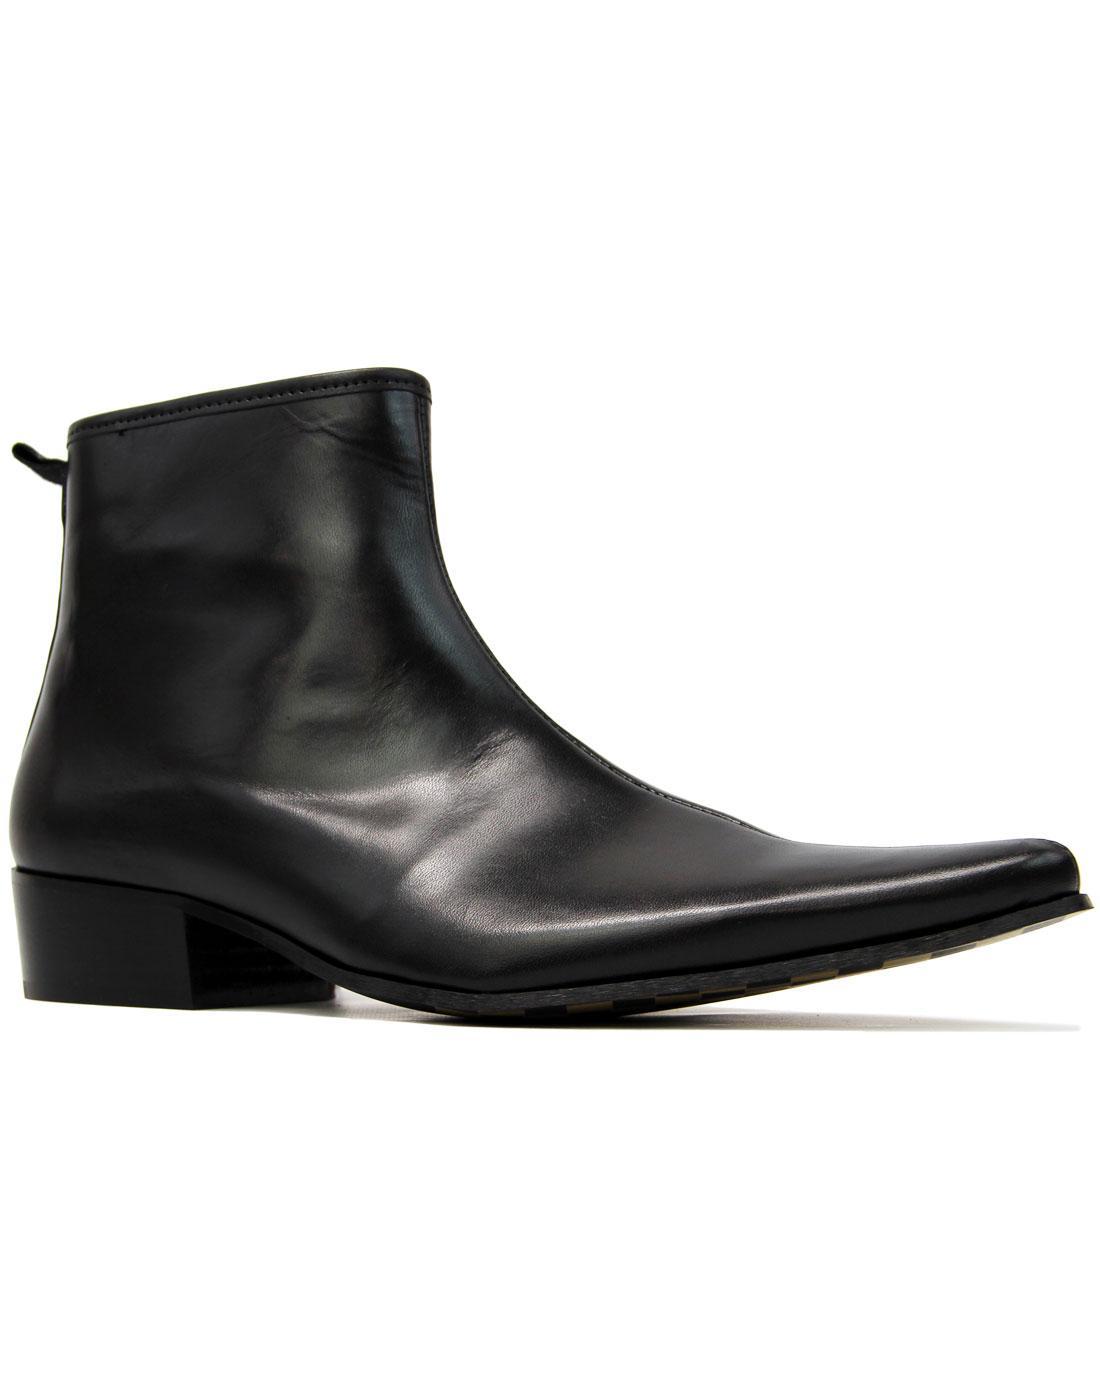 Ziggy DELICIOUS JUNCTION Black Zip Chelsea Boots